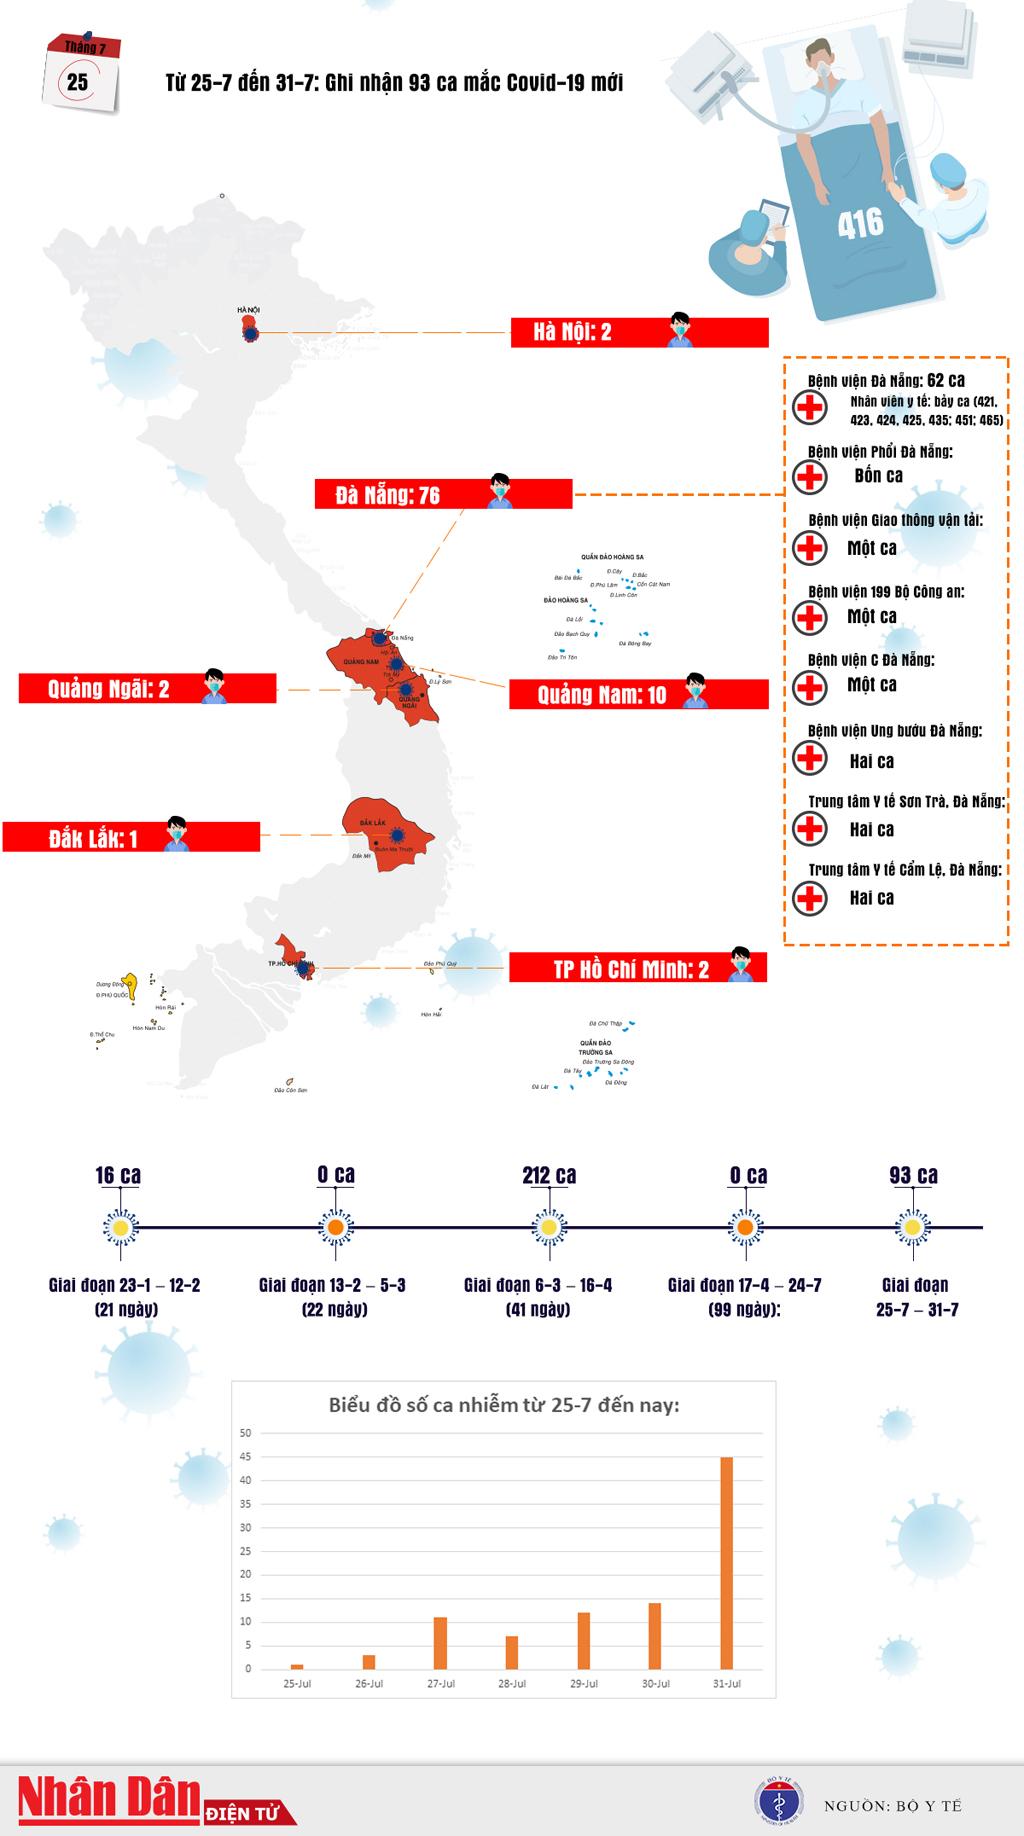 Infographic Biểu đồ một tuần lây lan dịch Covid19 tại Việt Nam